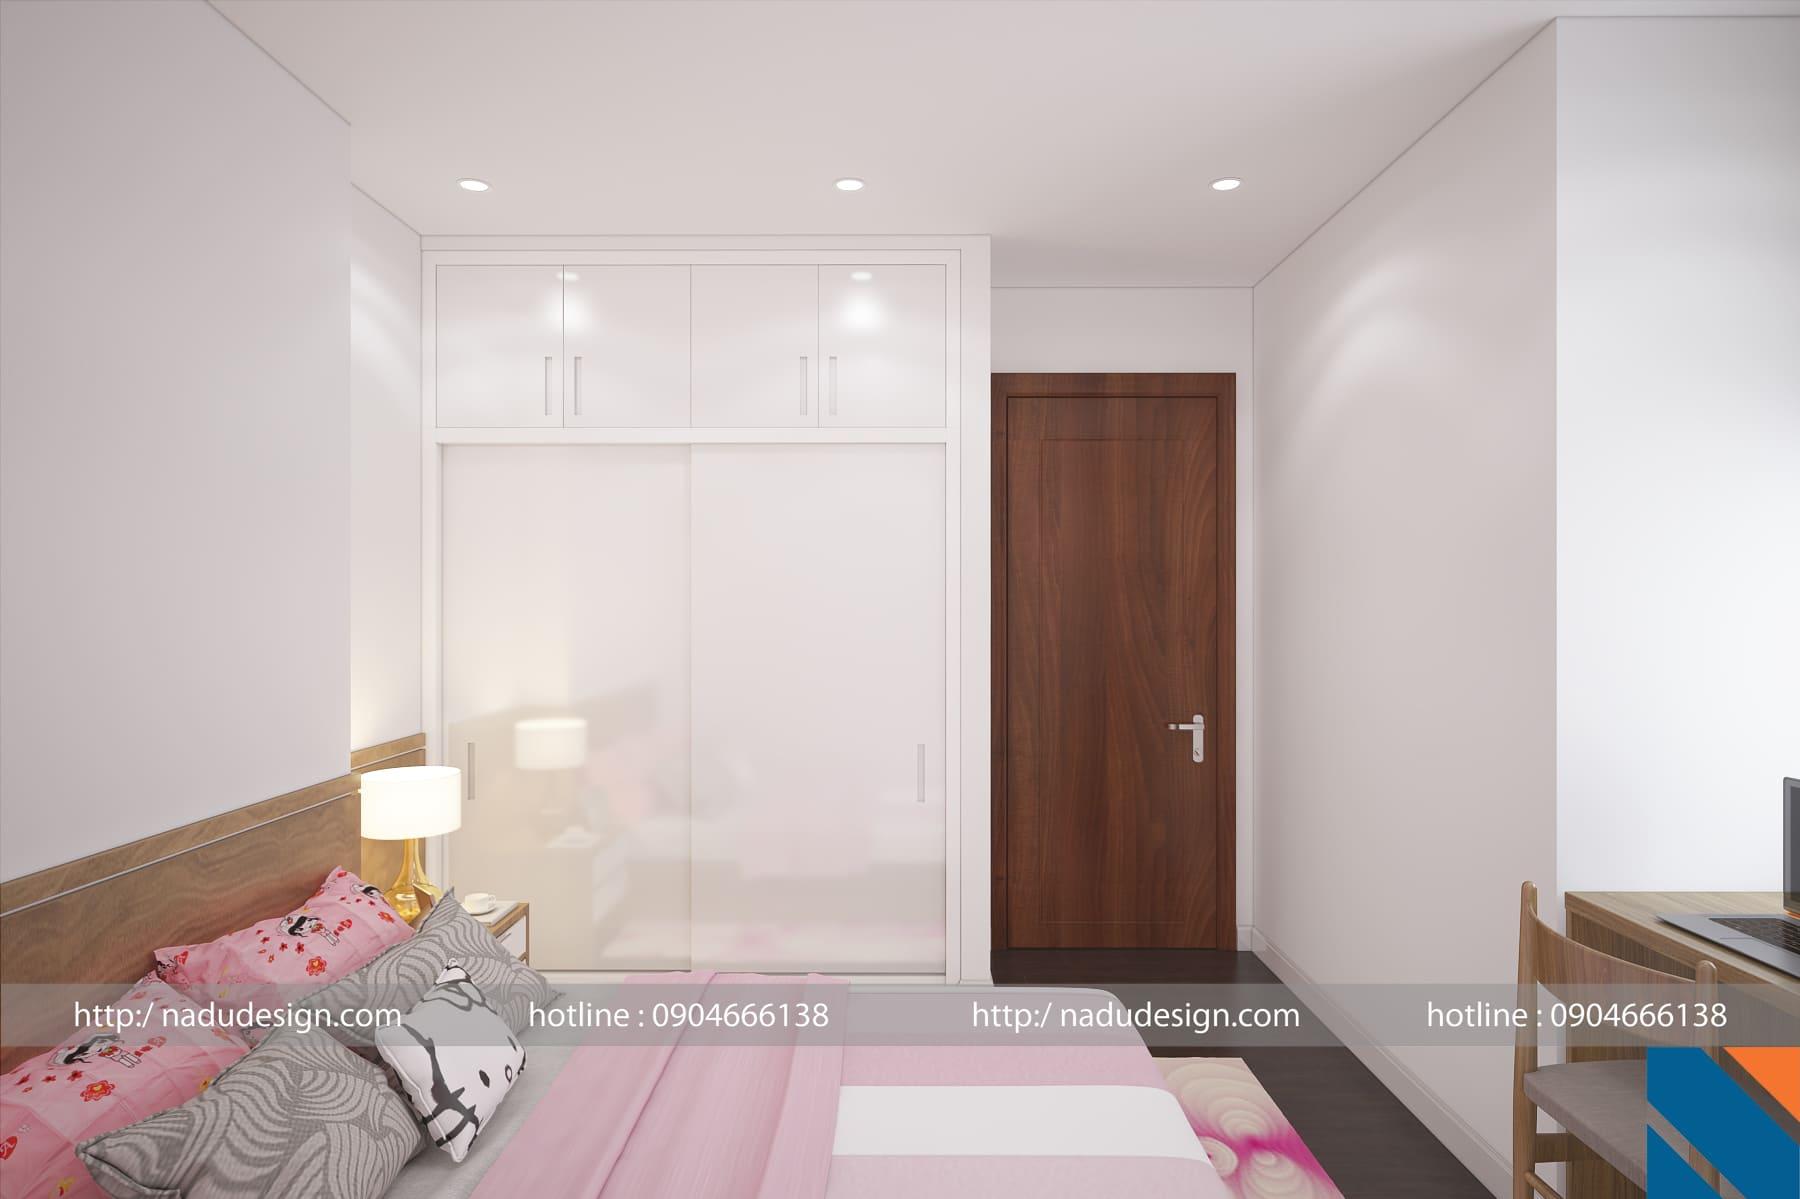 Mẫu thiết kế nội thất phòng ngủ nhỏ 6m vuông ảnh 3